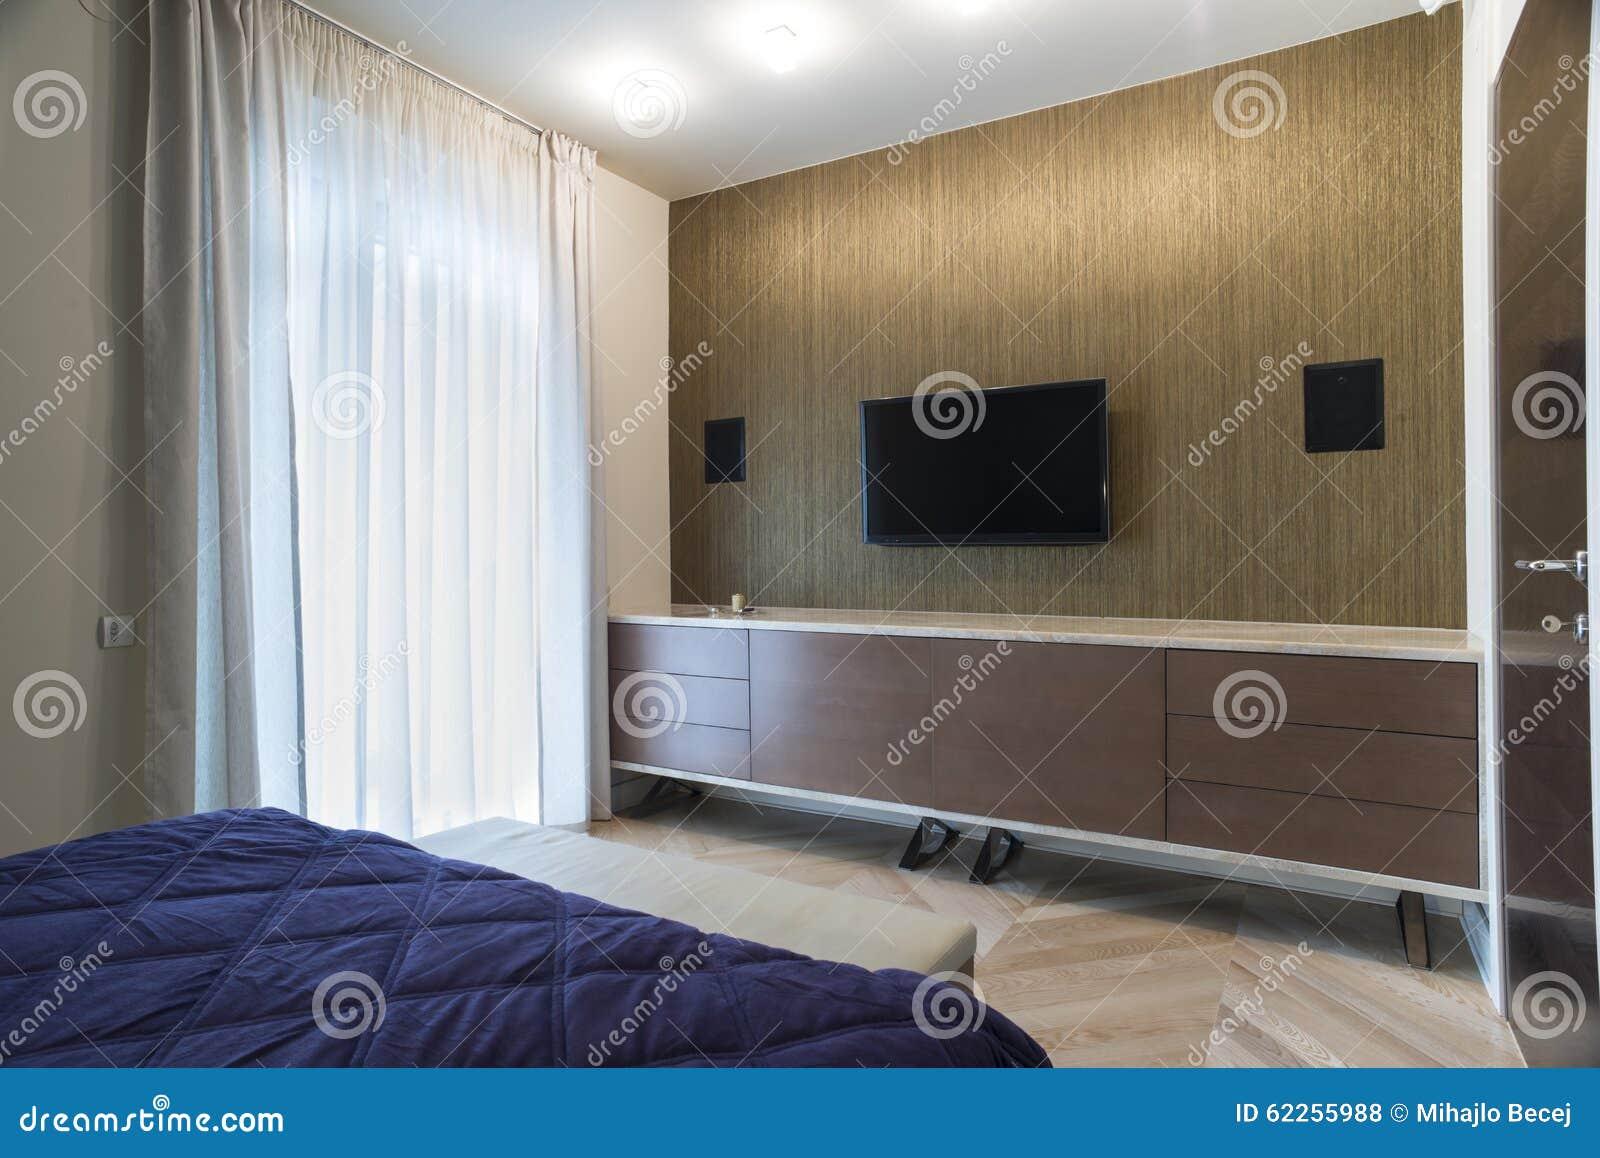 Interno della camera da letto con la tv e gli altoparlanti - Camera da letto con tv ...